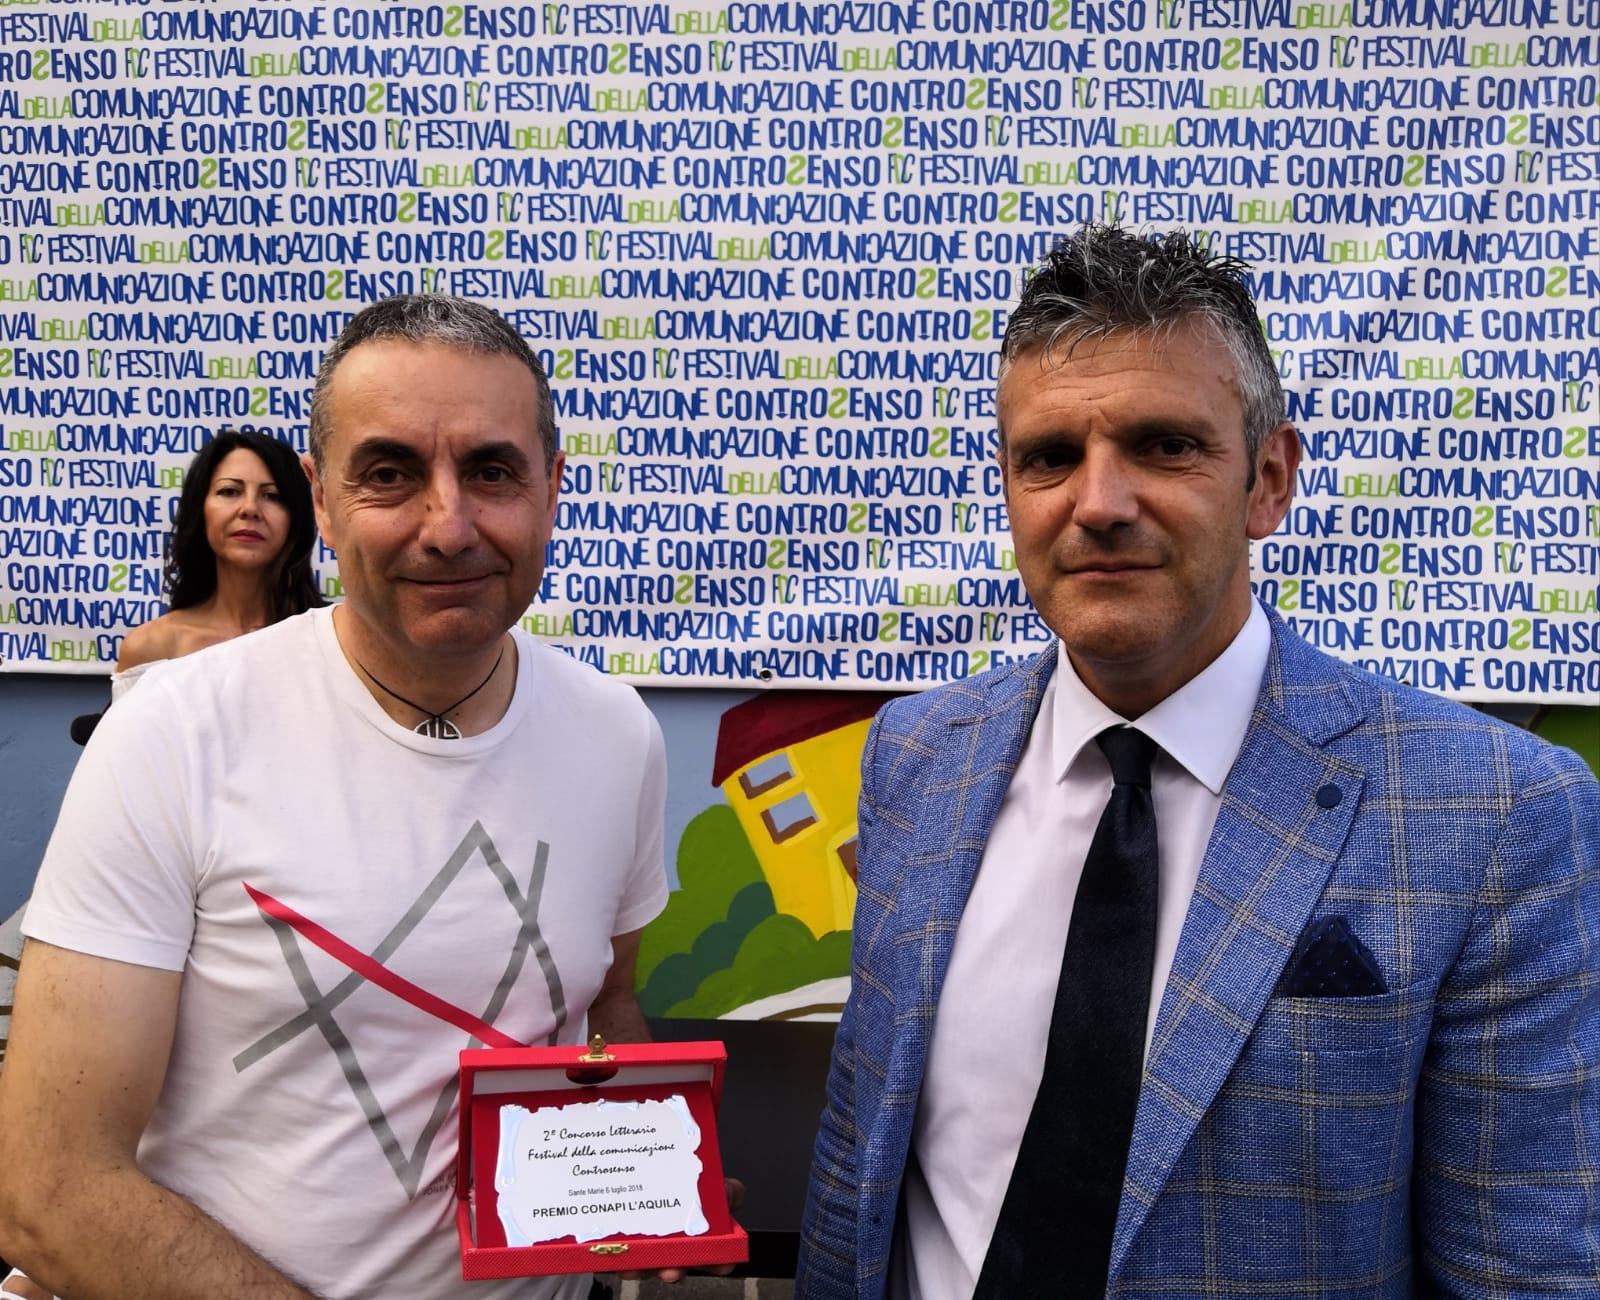 Premio Letteriario Festival della Comunicazione Controsenso (17)